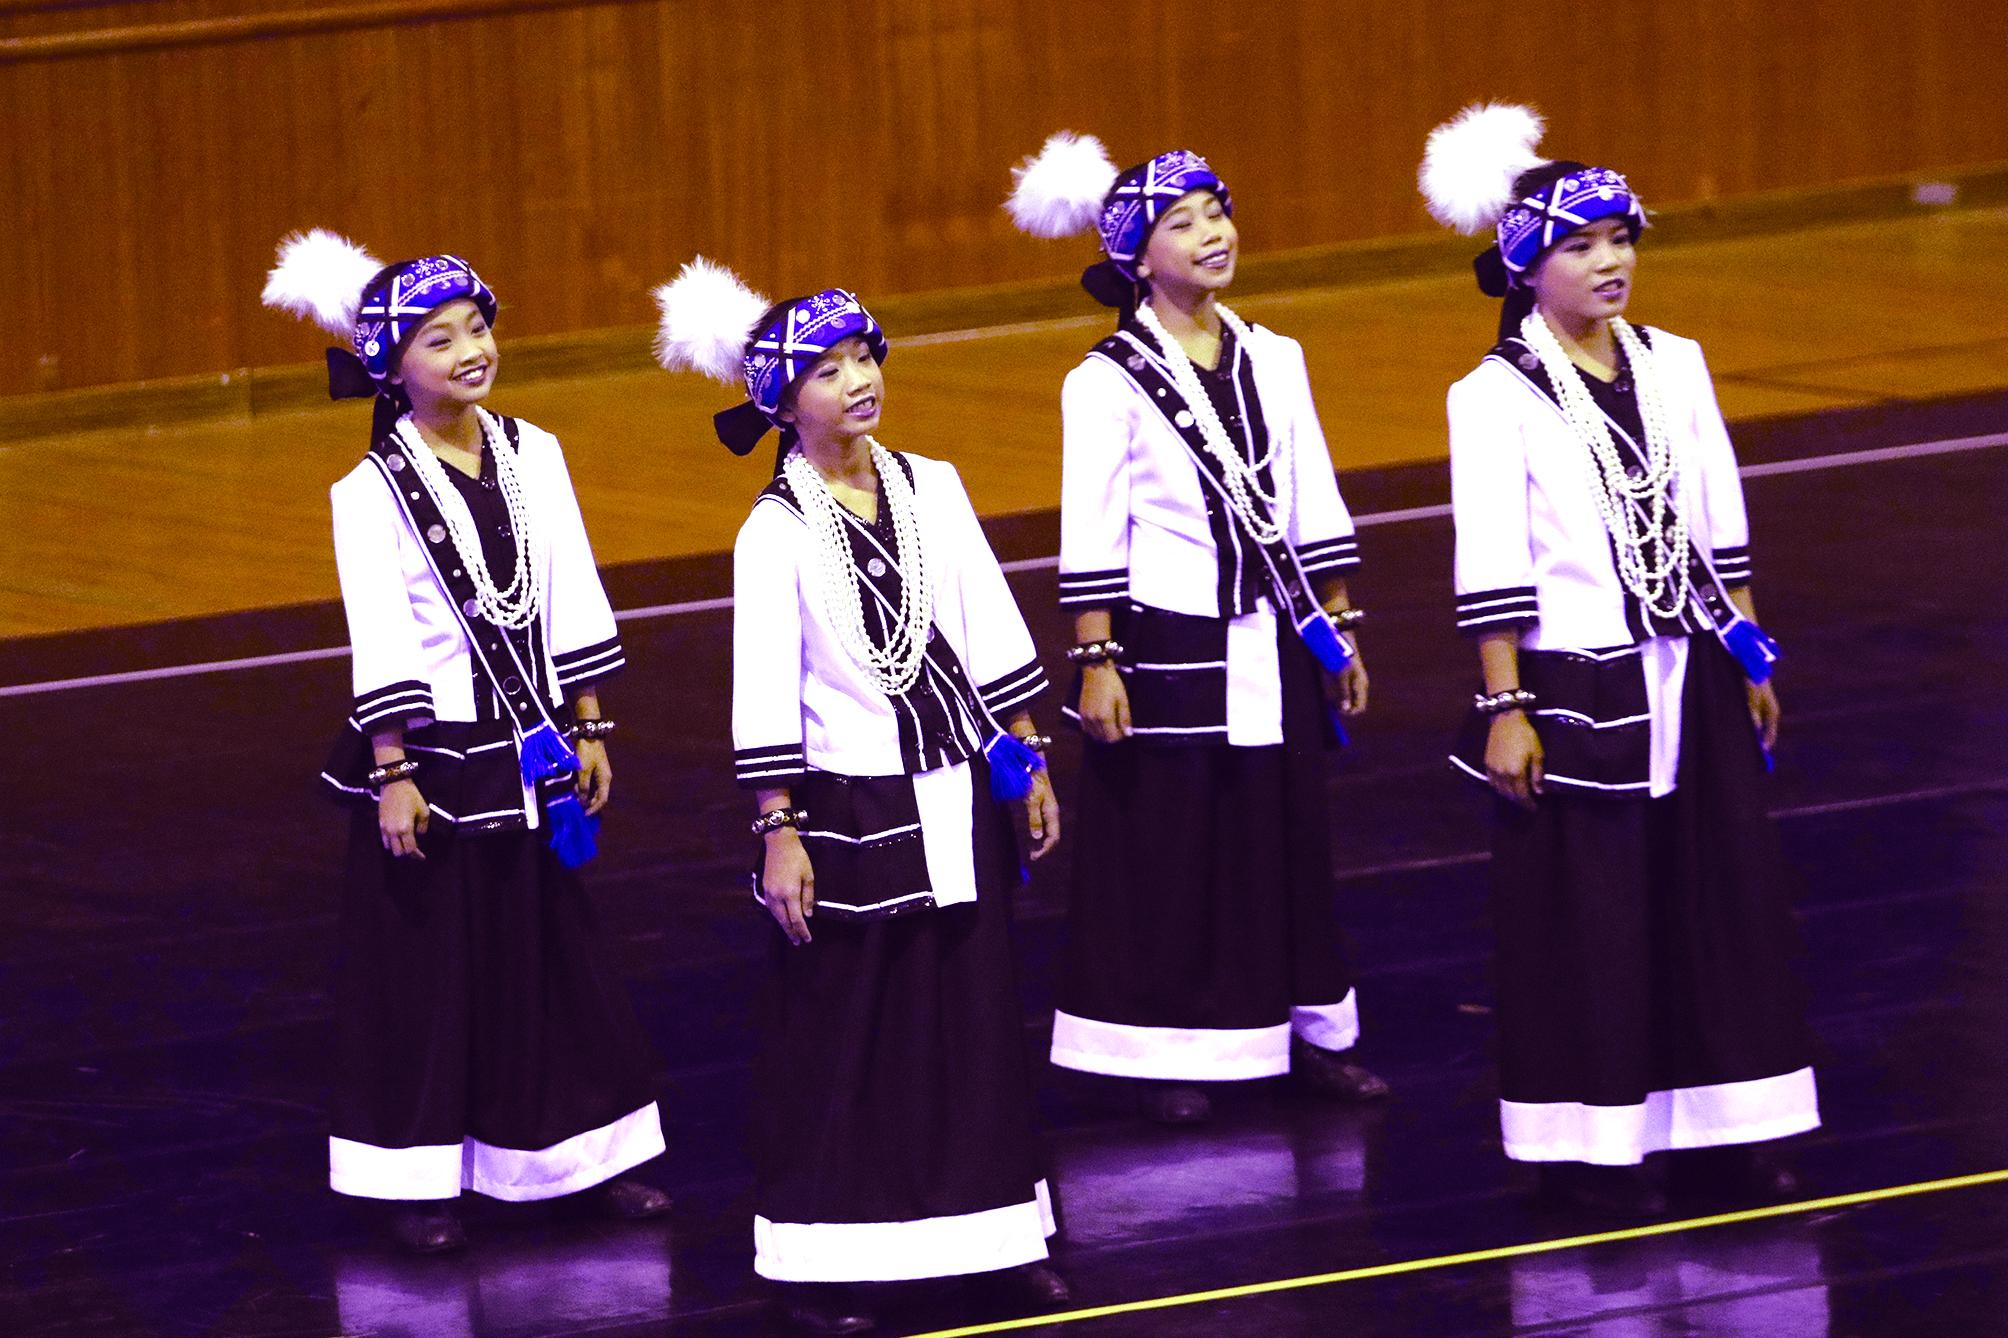 從長時間的推動樂舞競賽當中看見樂舞文化教育的重要。.jpg